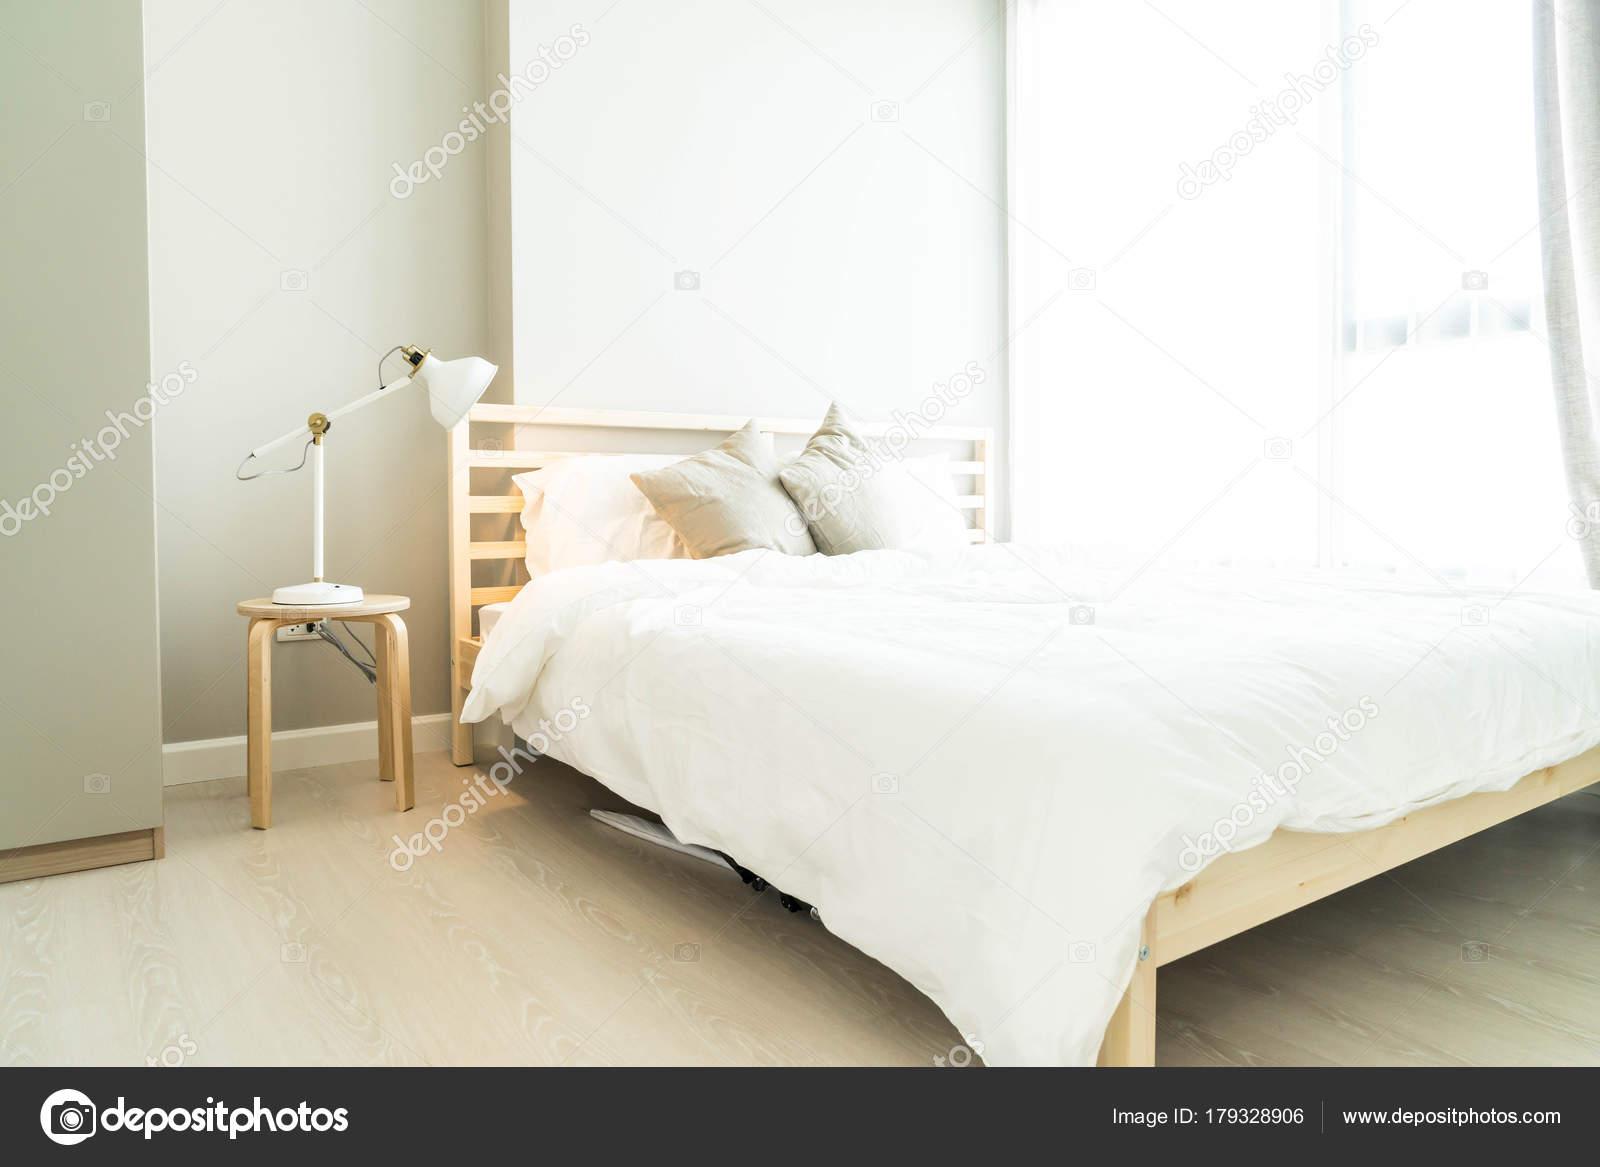 Je Slaapkamer Decoreren : Comfortabel kussen op het bed in de slaapkamer decoratie